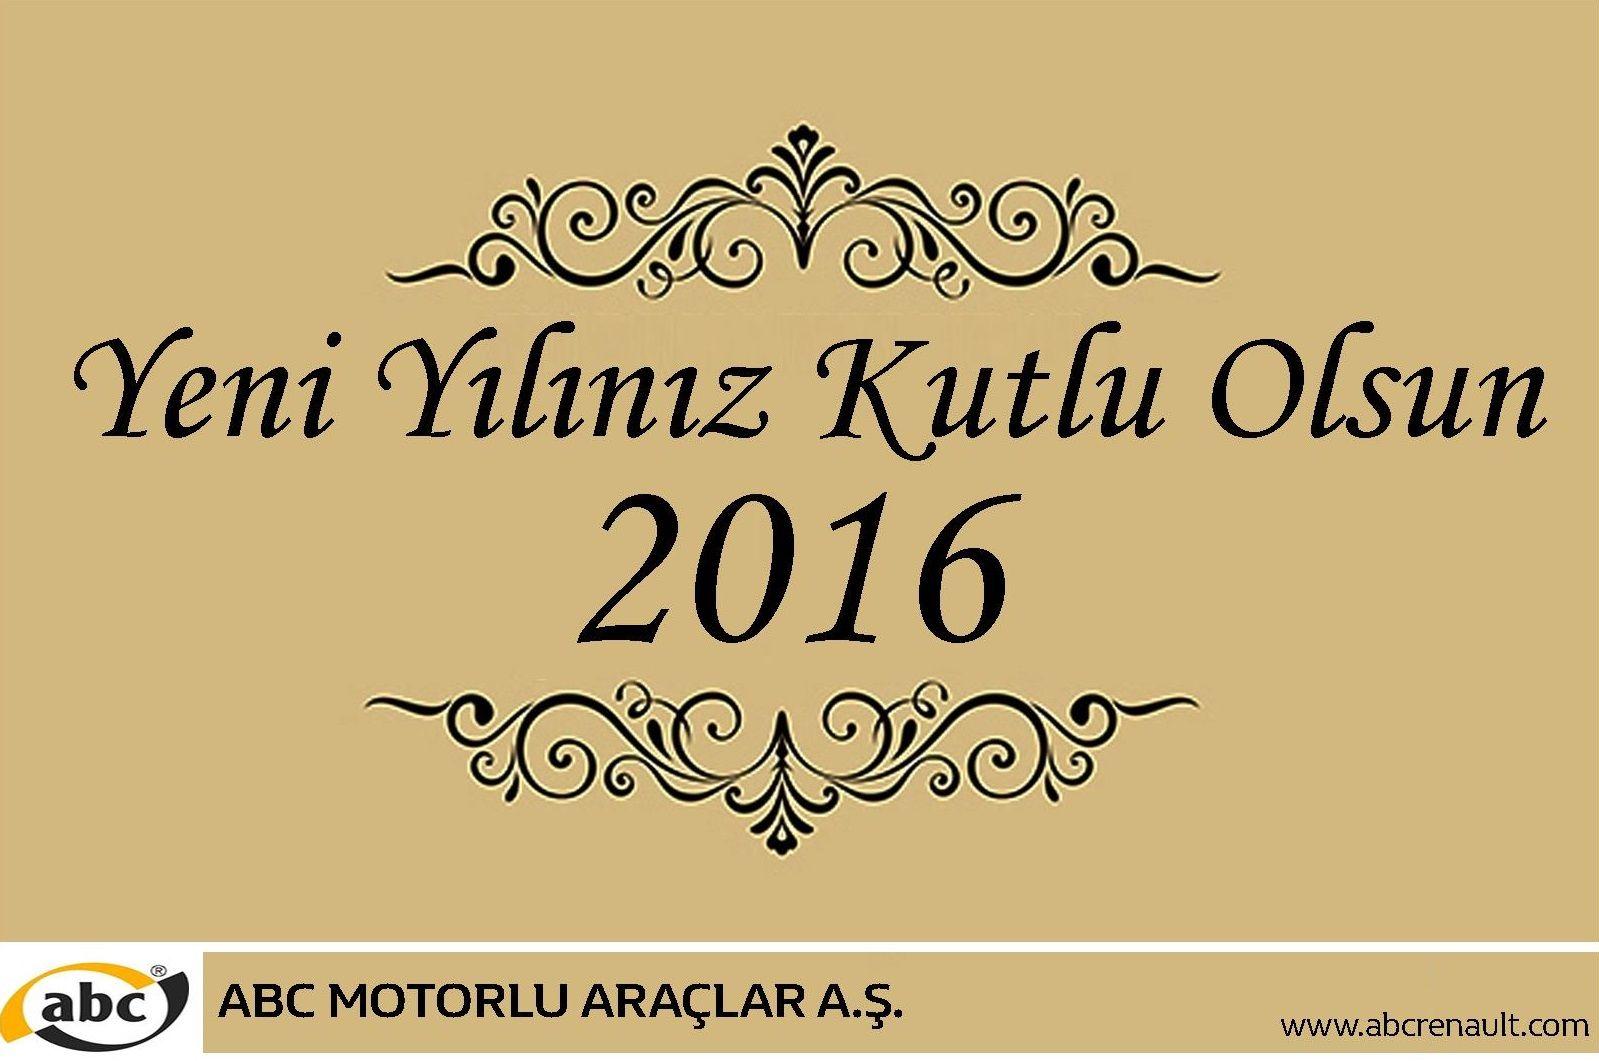 Yeni yılın tüm insanlığa ve ülkemize barış, mutluluk getirmesi dileğiyle yeni yılınız kutlu olsun.